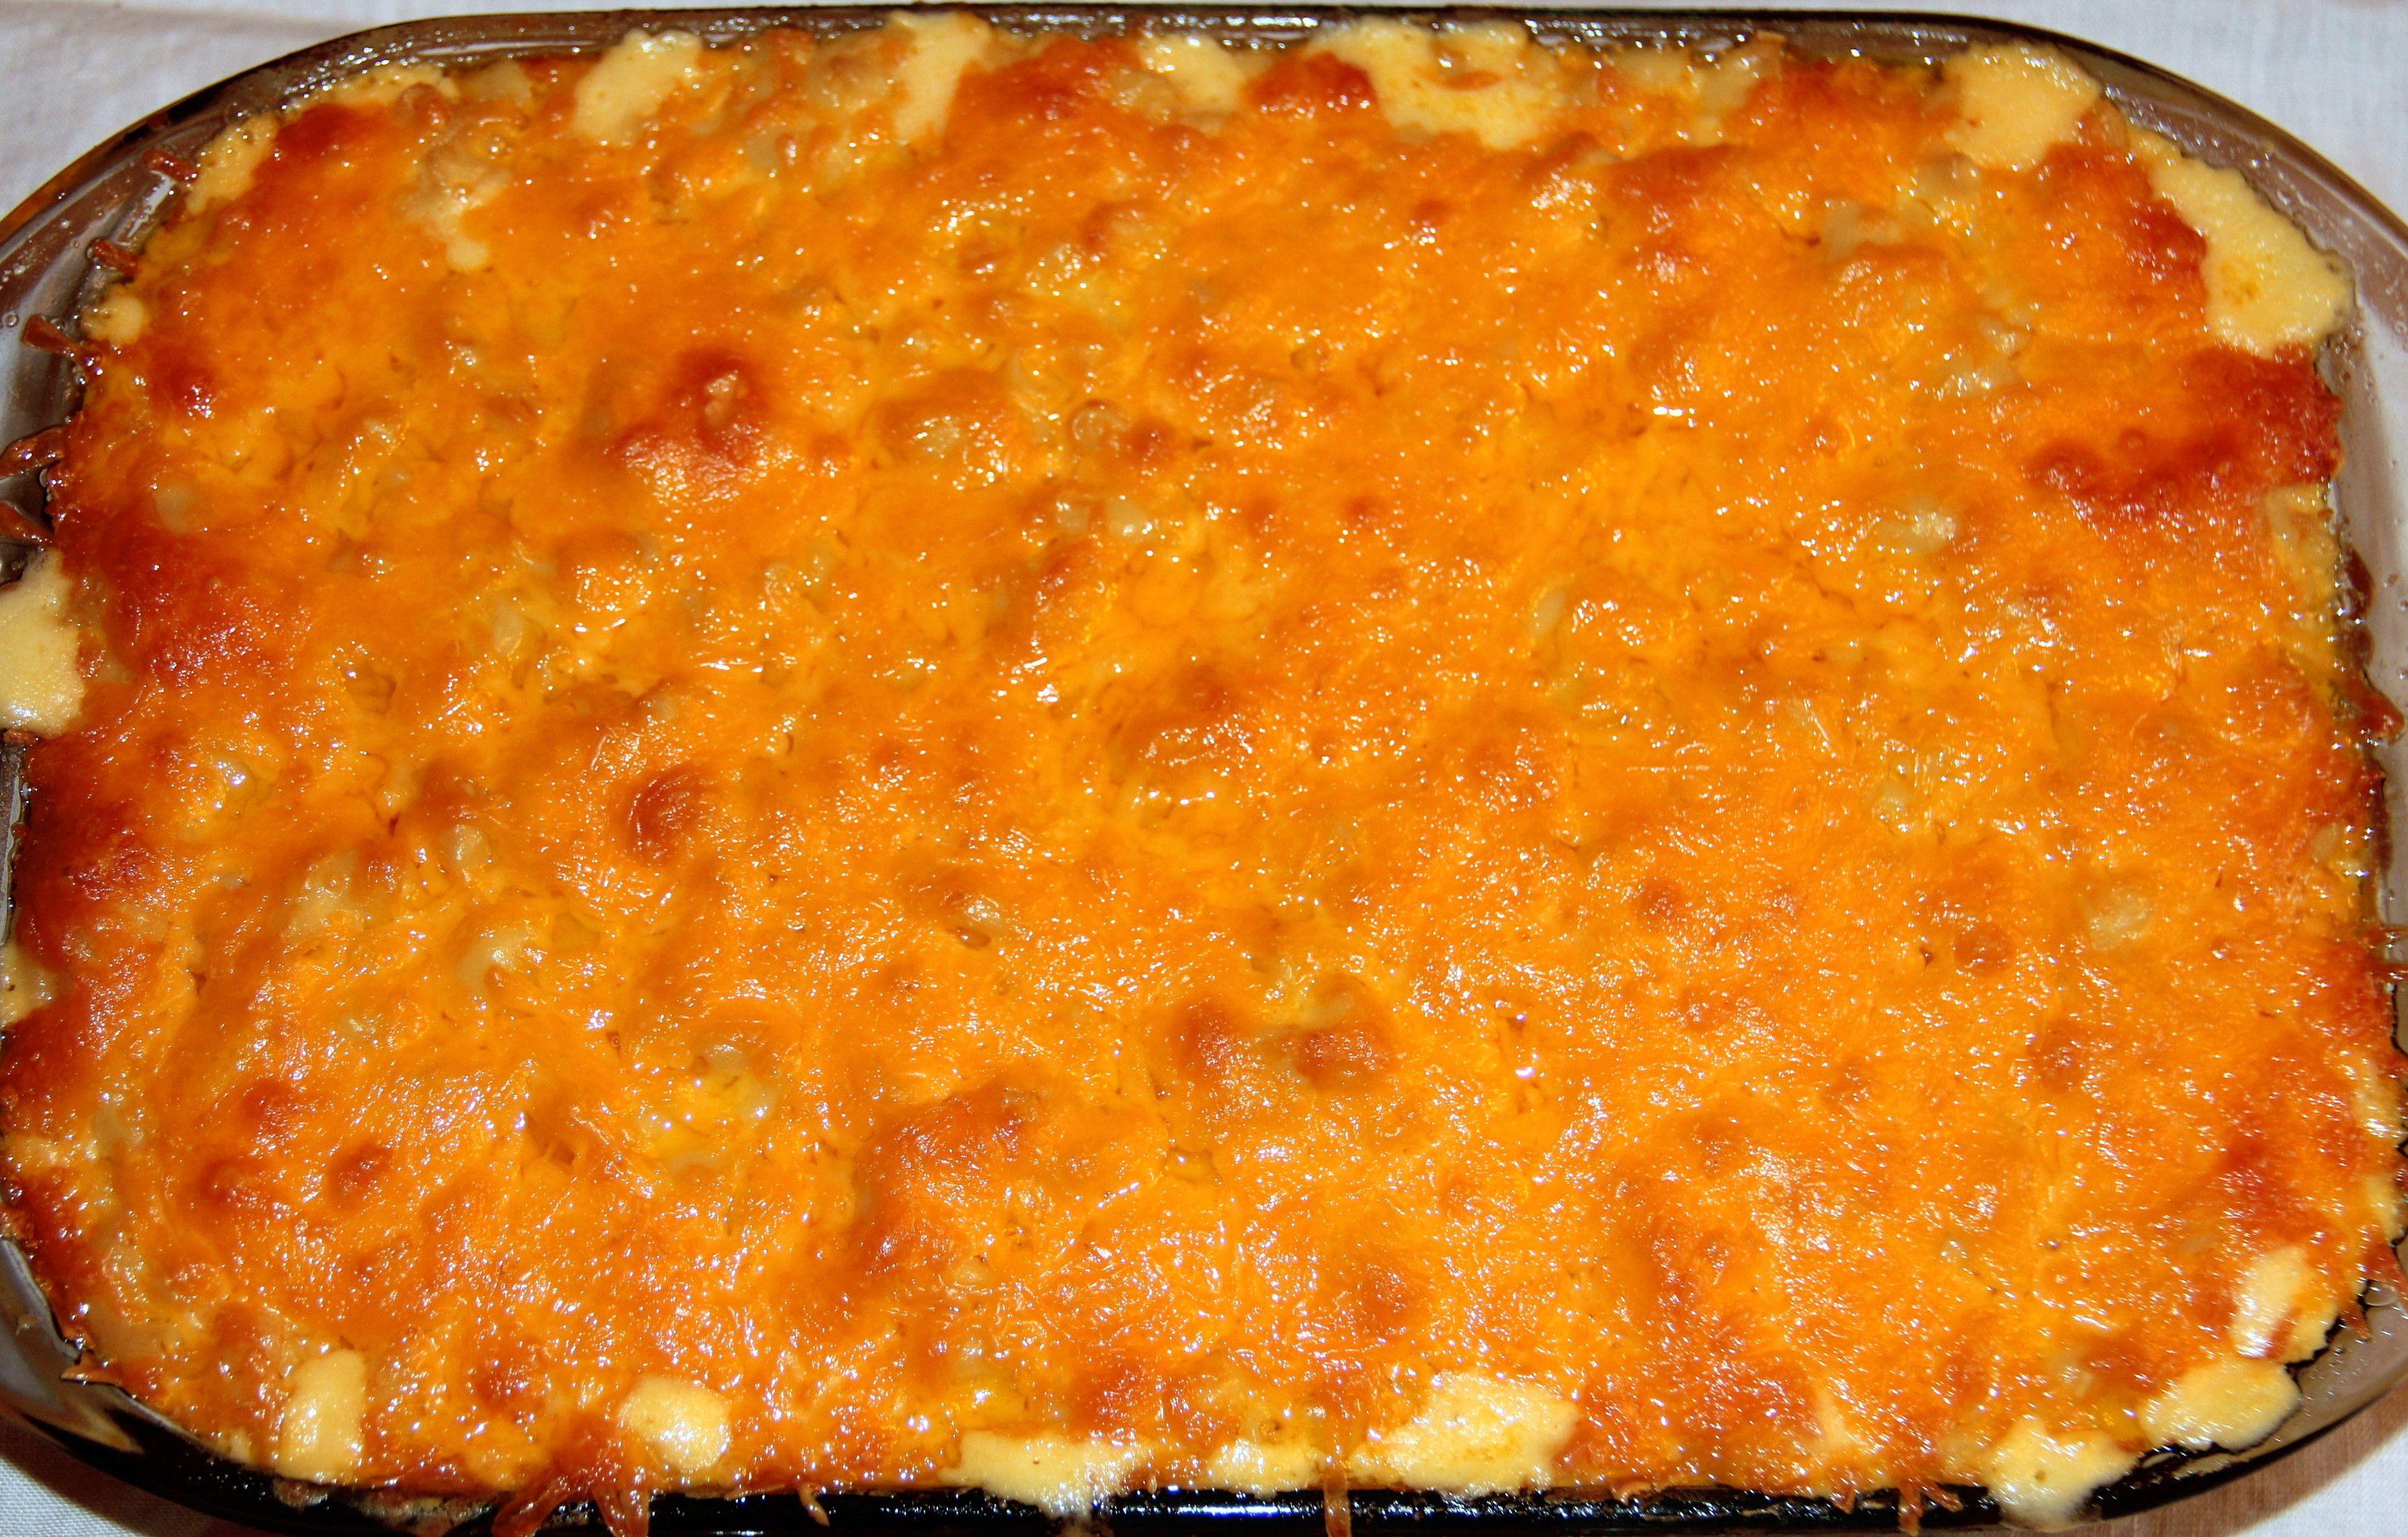 Best Baked Mac And Cheese Bfedfbaaaebdbada